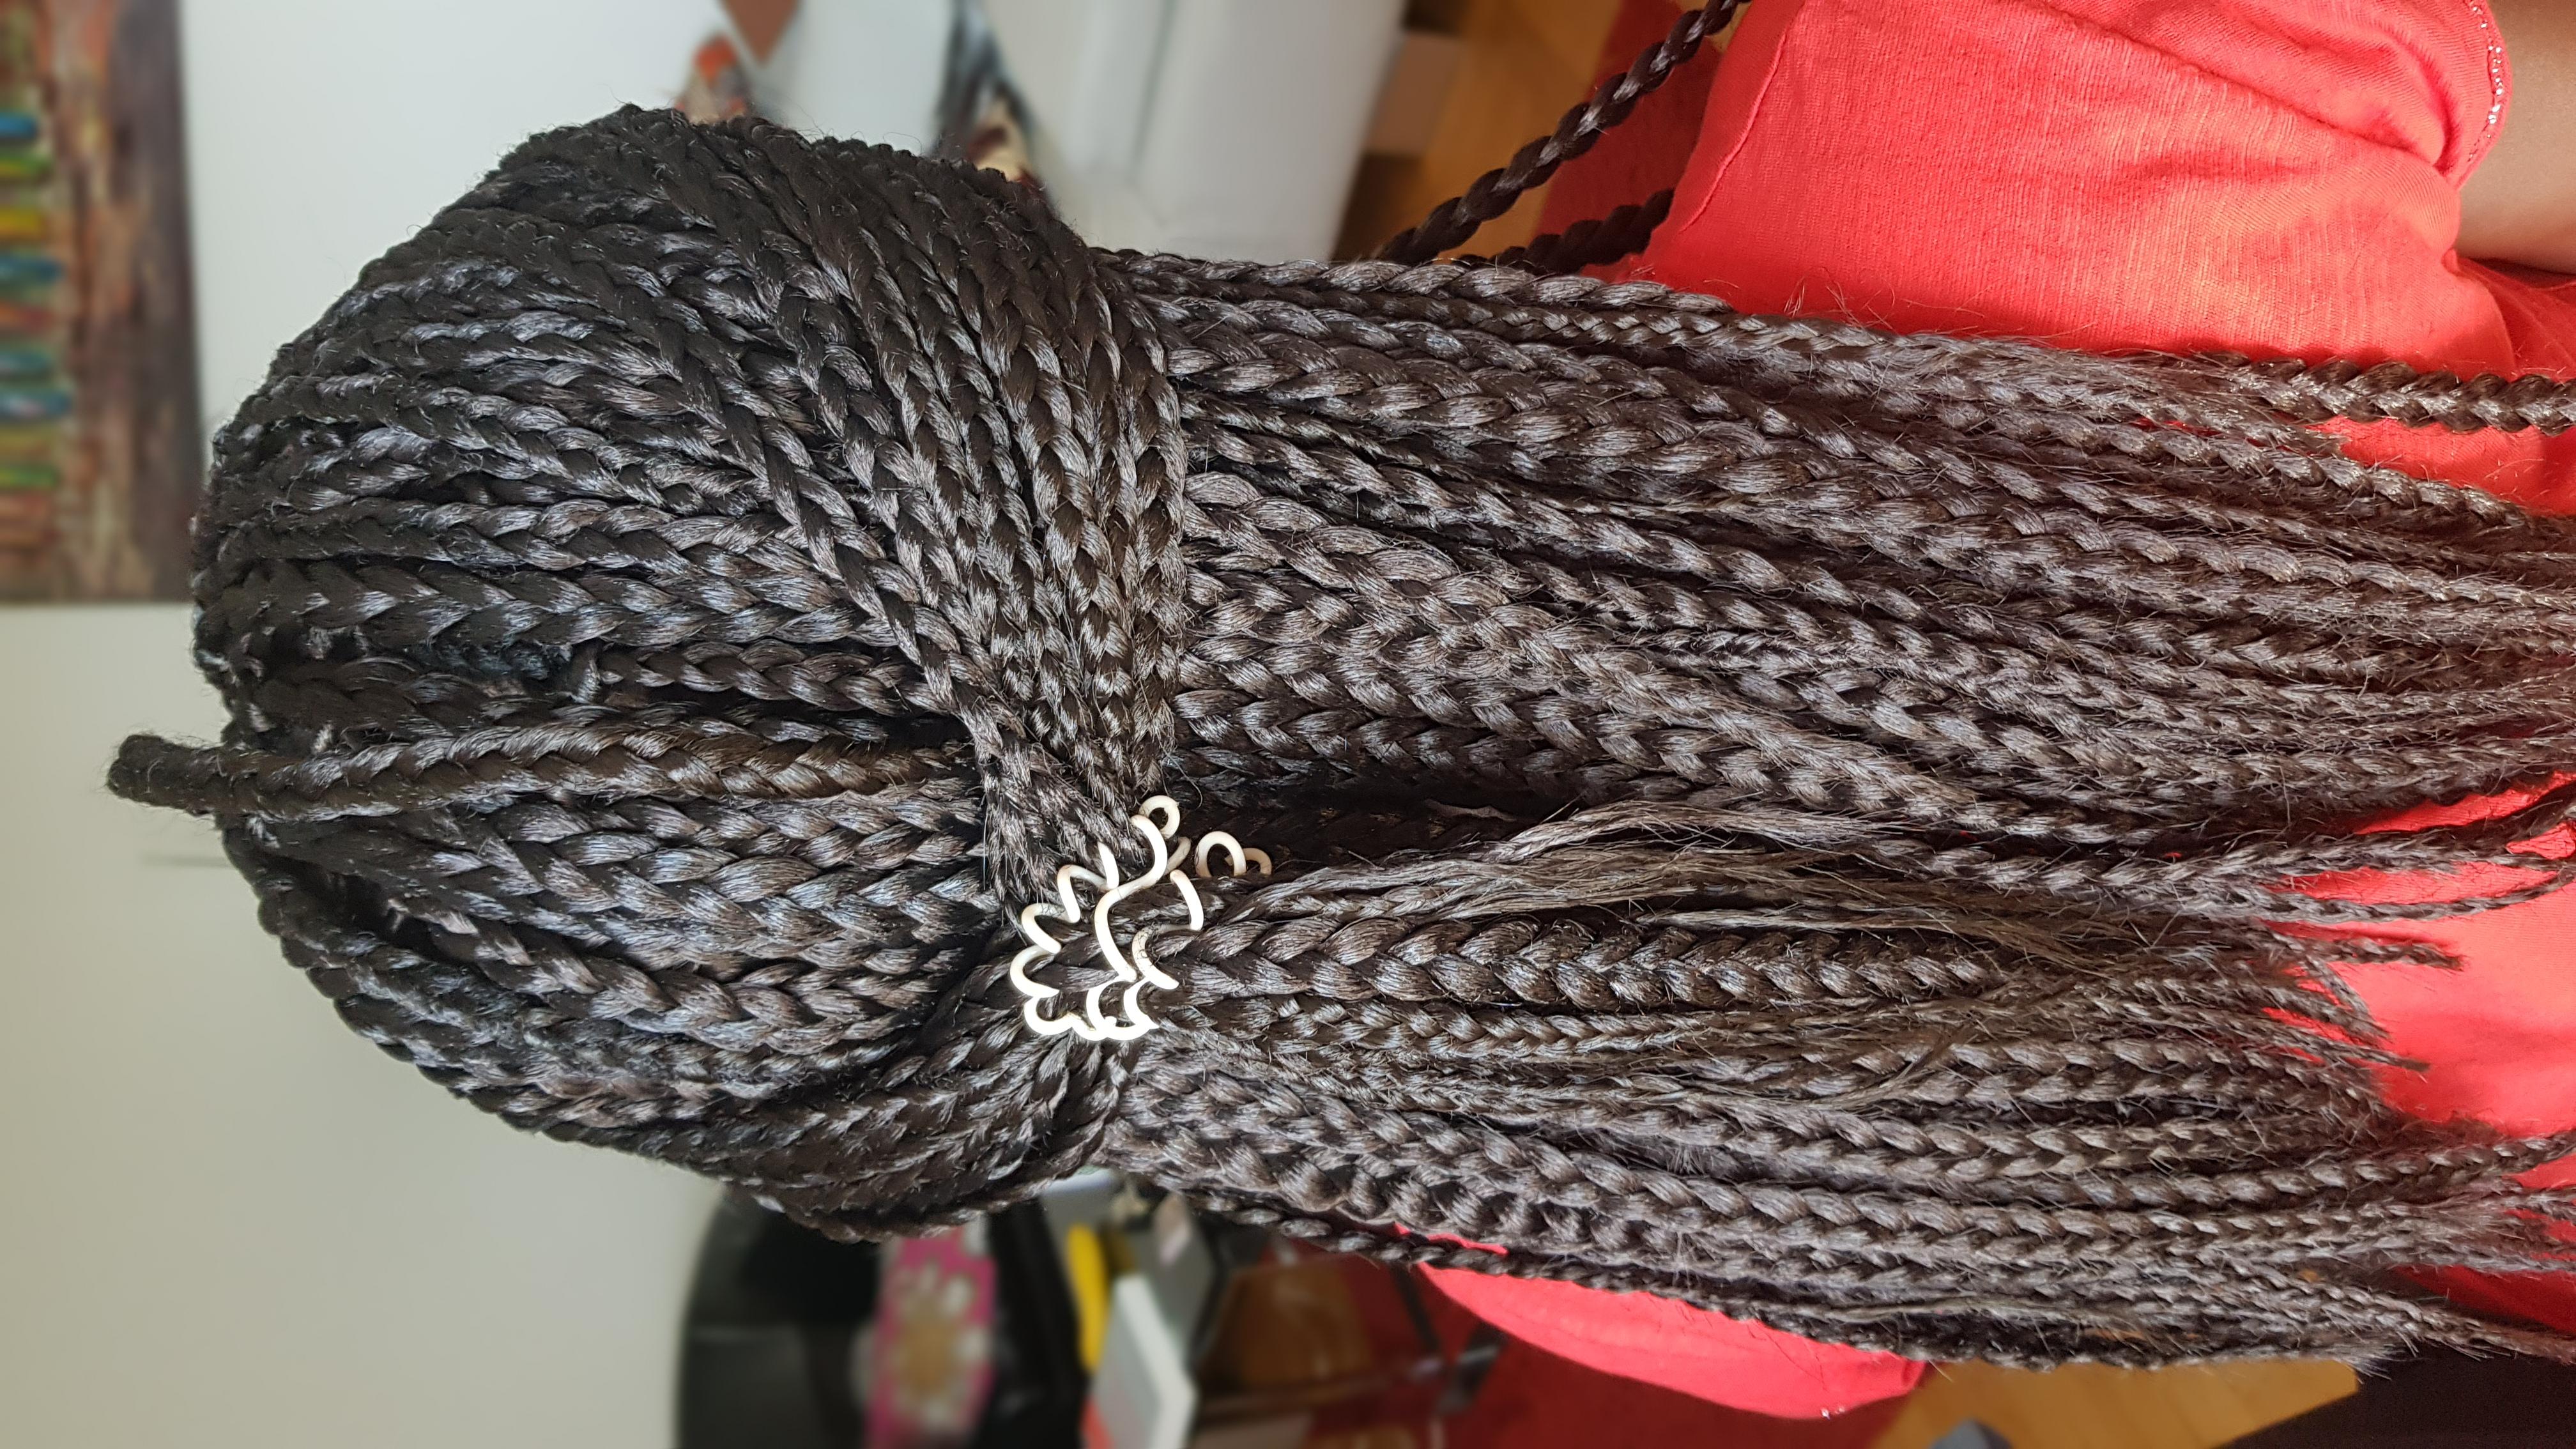 salon de coiffure afro tresse tresses box braids crochet braids vanilles tissages paris 75 77 78 91 92 93 94 95 JPMONNZX